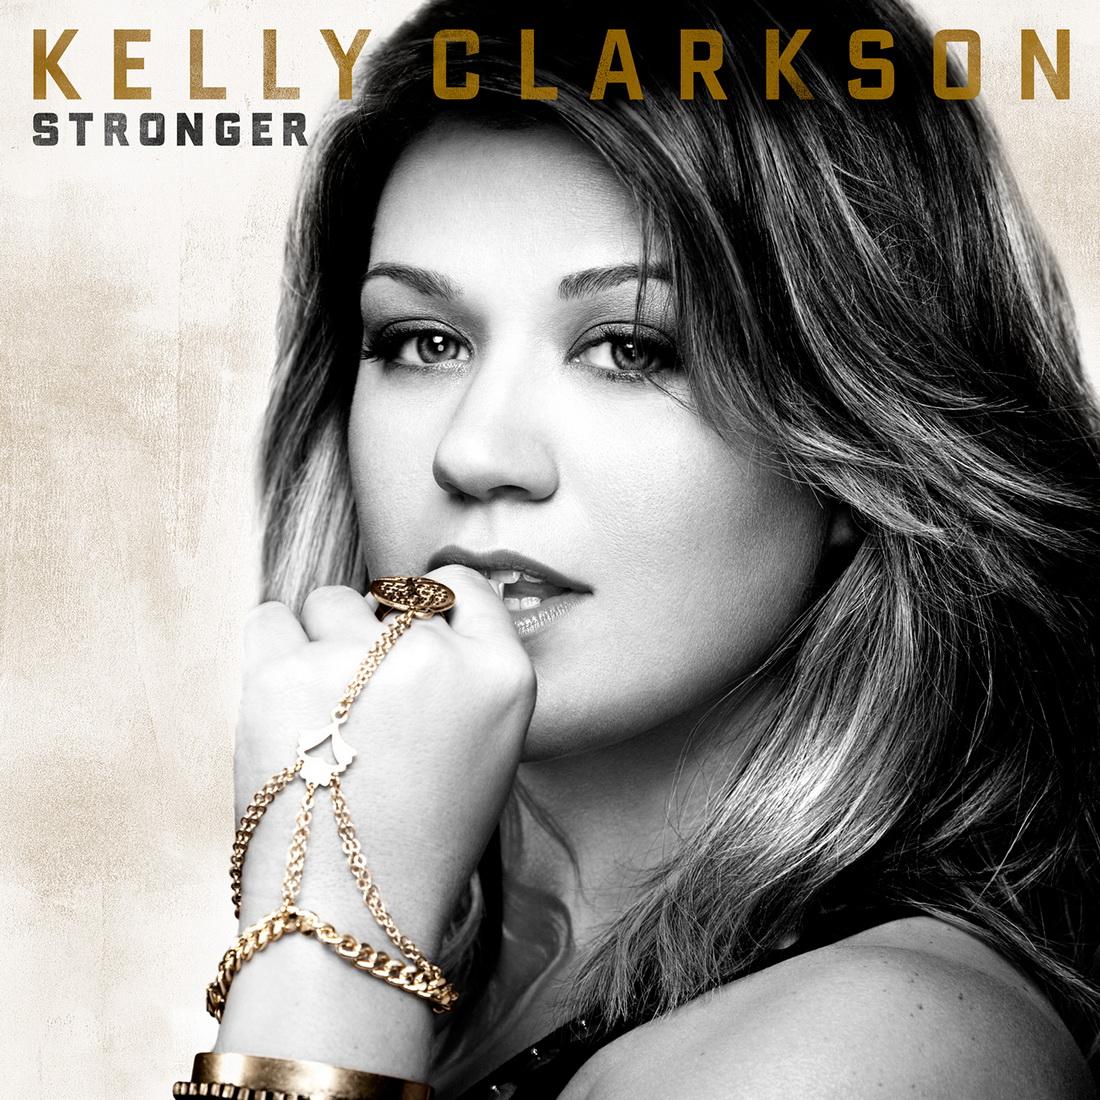 http://2.bp.blogspot.com/-K7fFc3_XNGA/T9U0it9cecI/AAAAAAAABUA/sUkYiJPbxWM/s1600/Kelly+Clarkson+02.jpg